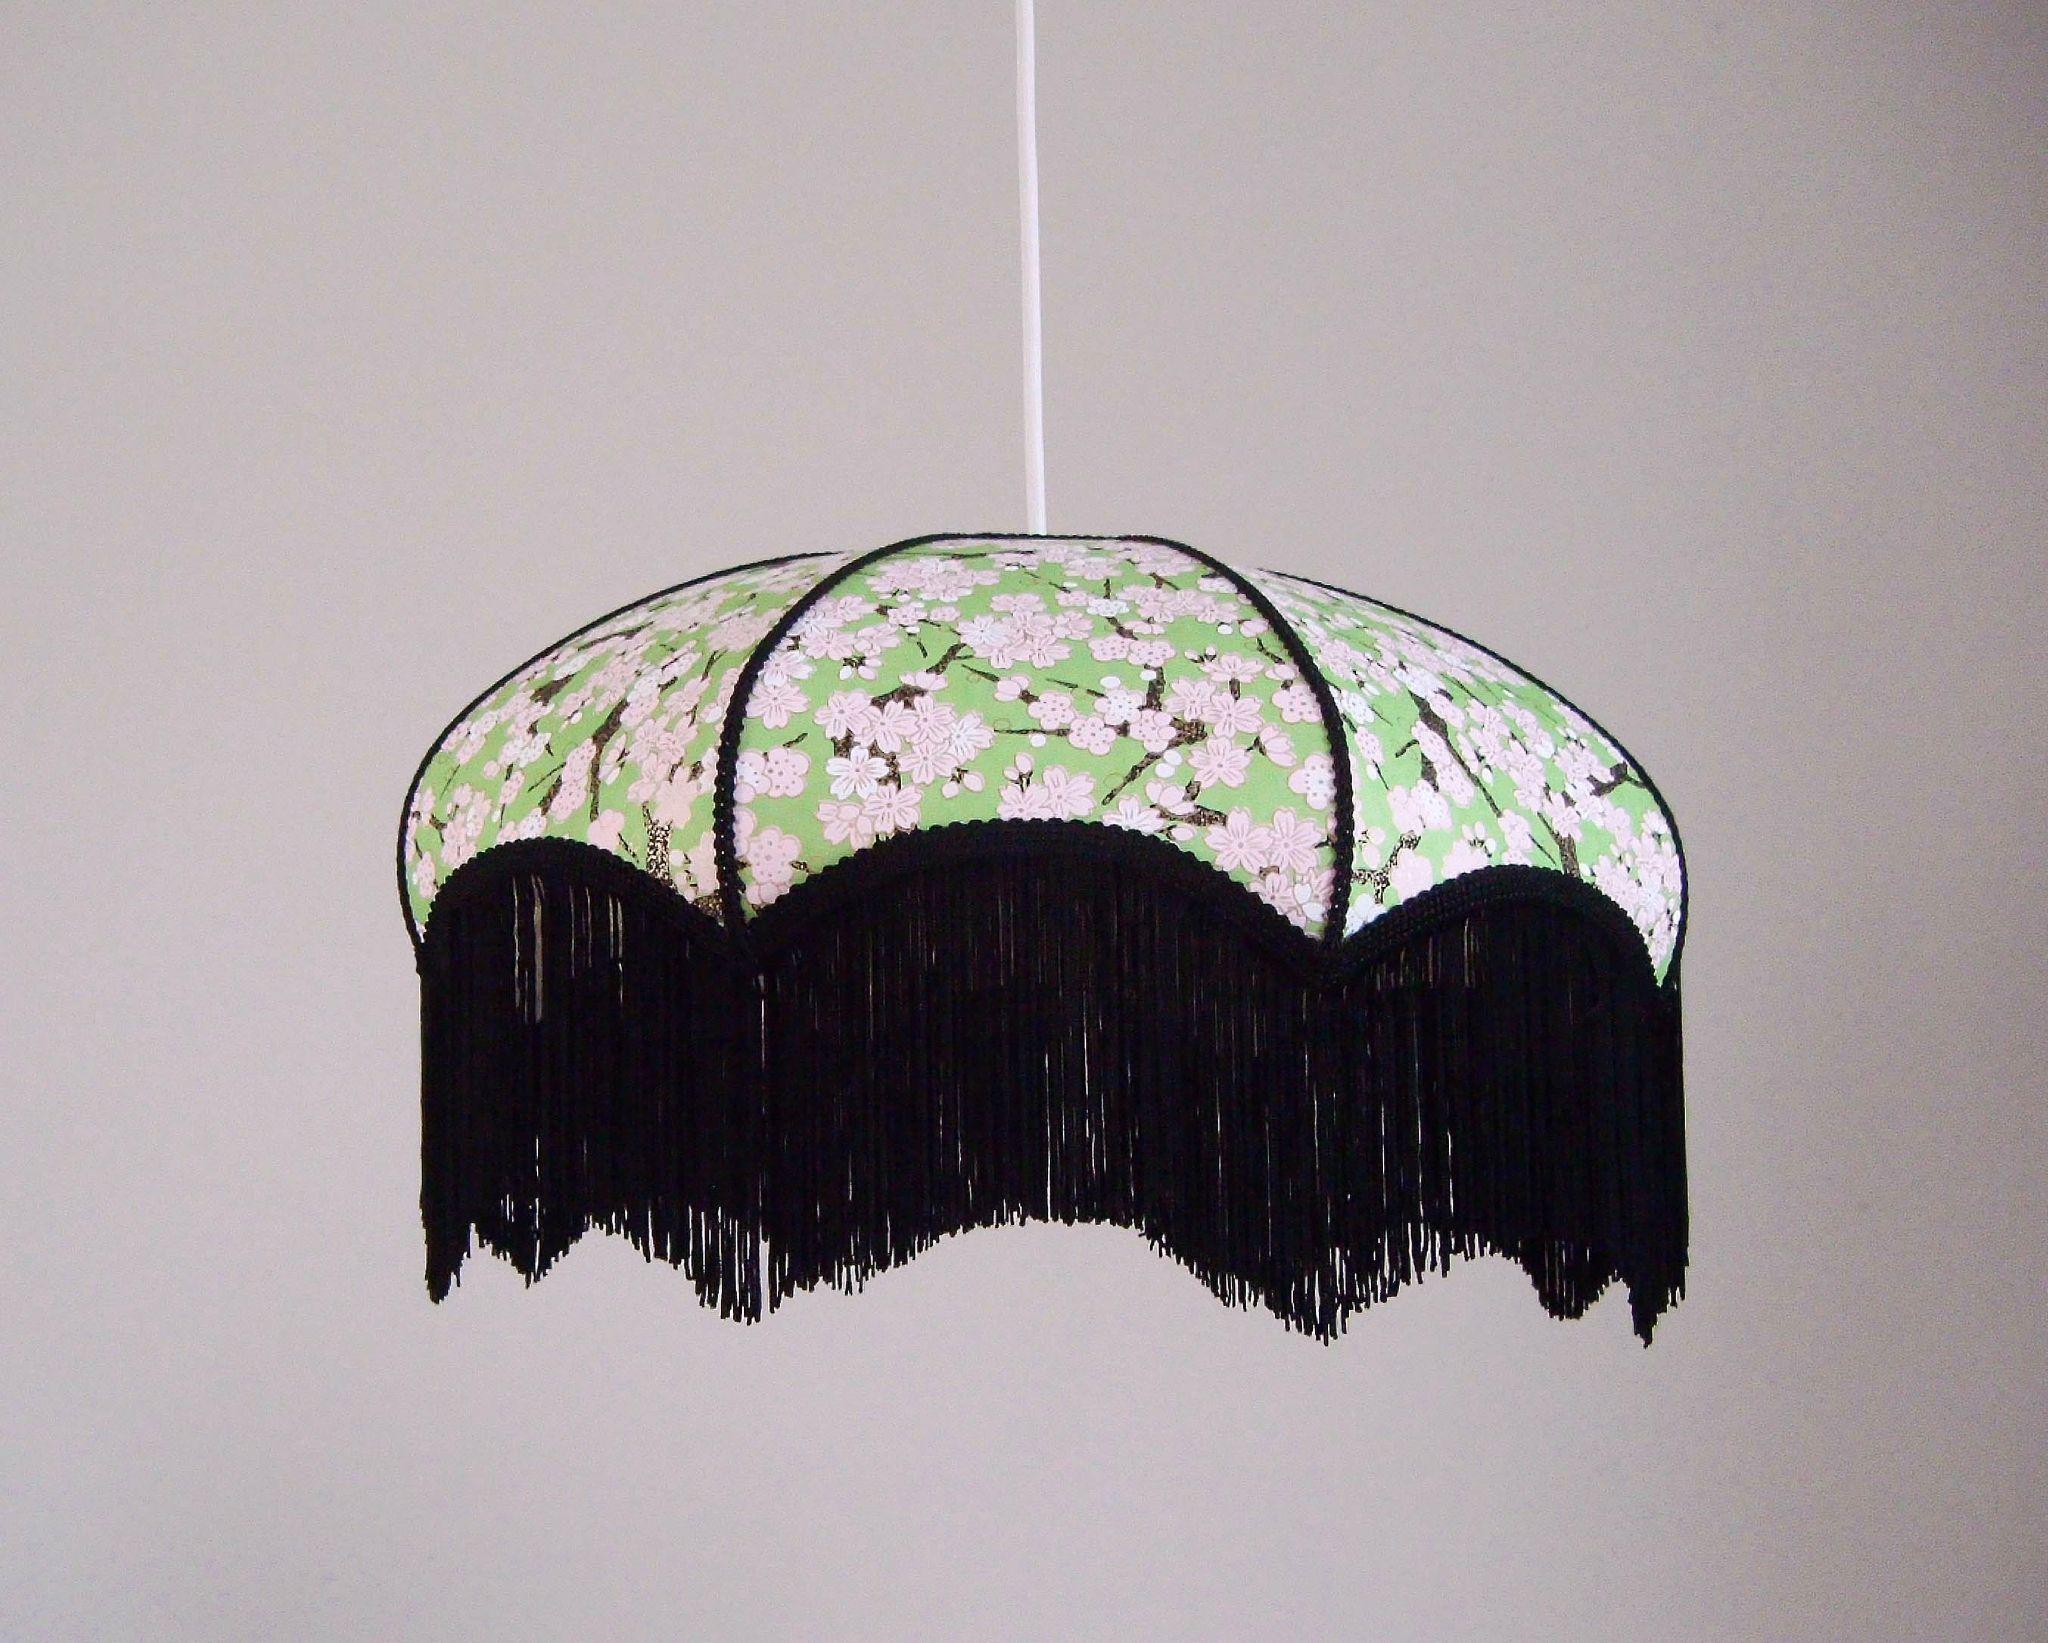 suspension r tro papier japonais fleurs et frange noire les luminaires miska cr ations en. Black Bedroom Furniture Sets. Home Design Ideas